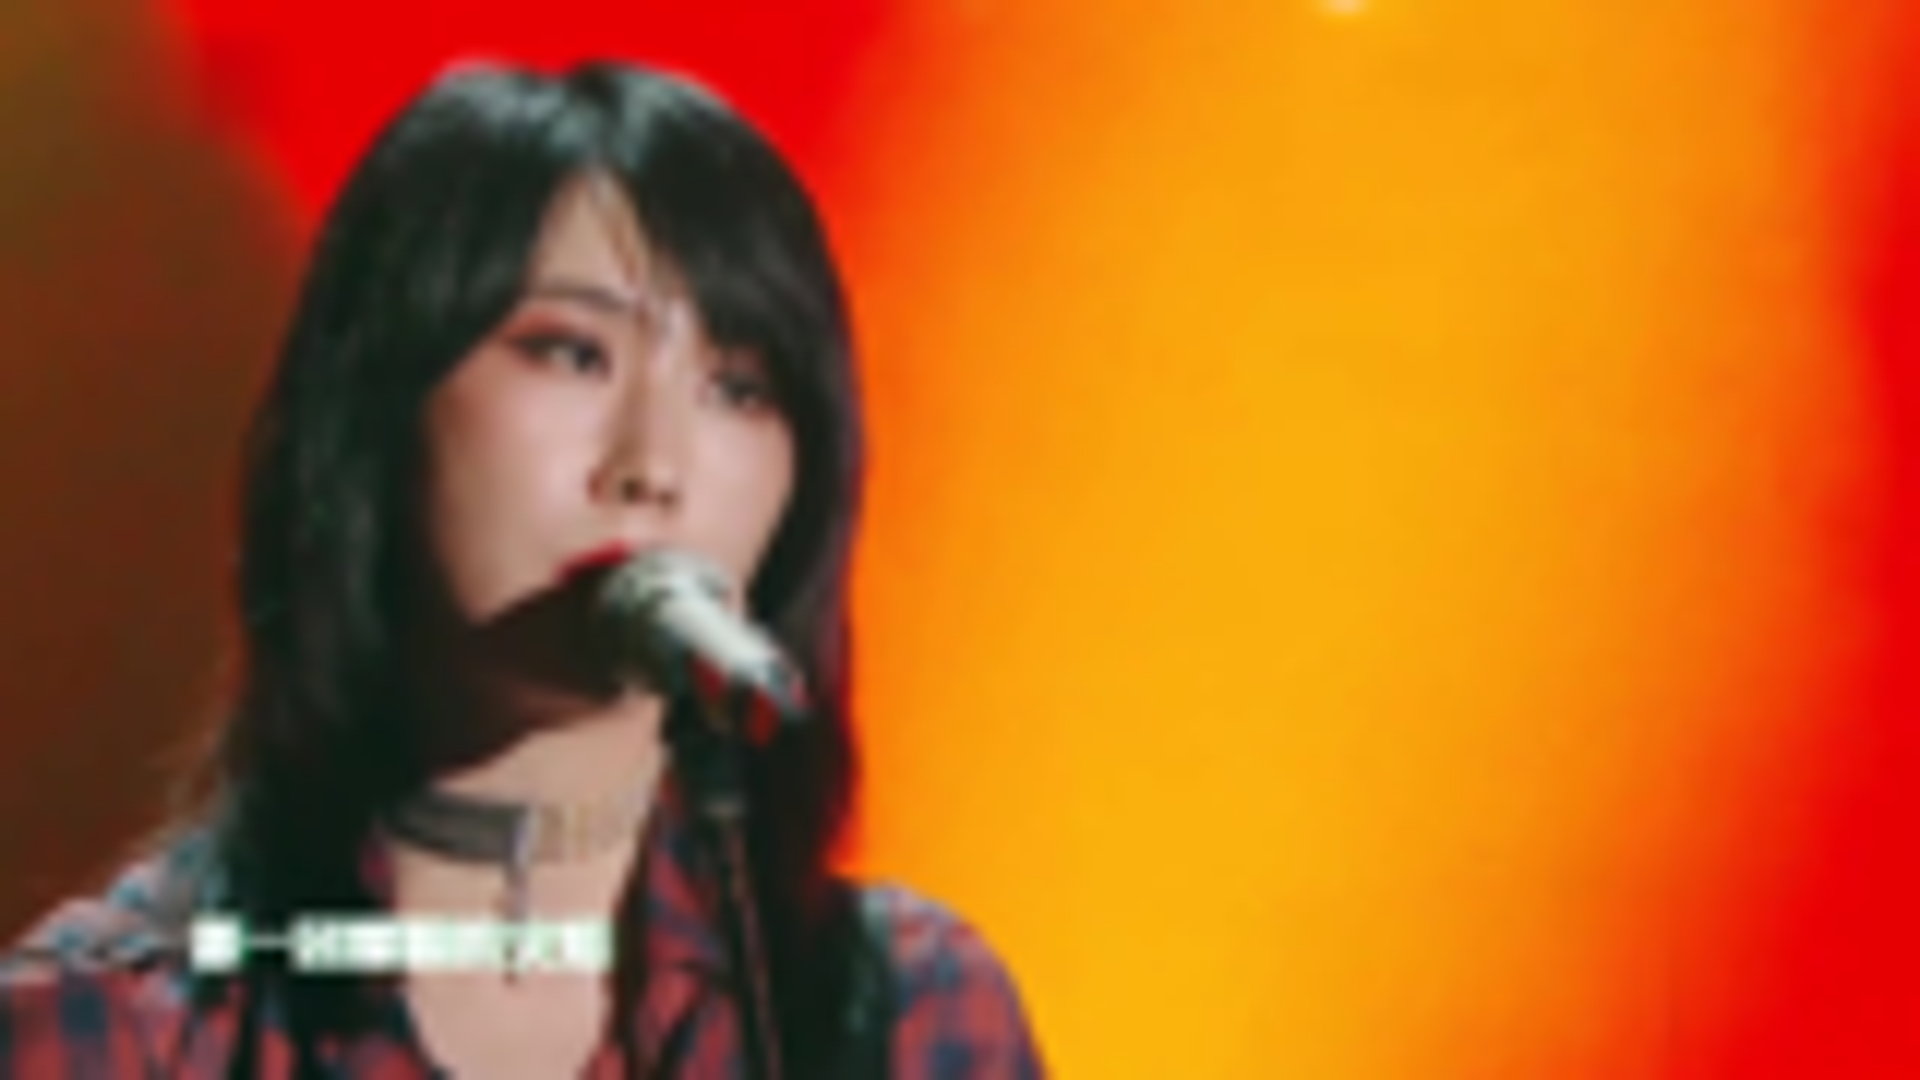 中国内地摇滚乐队新裤子激情演绎: 生活因你而火热 ,燃爆全场